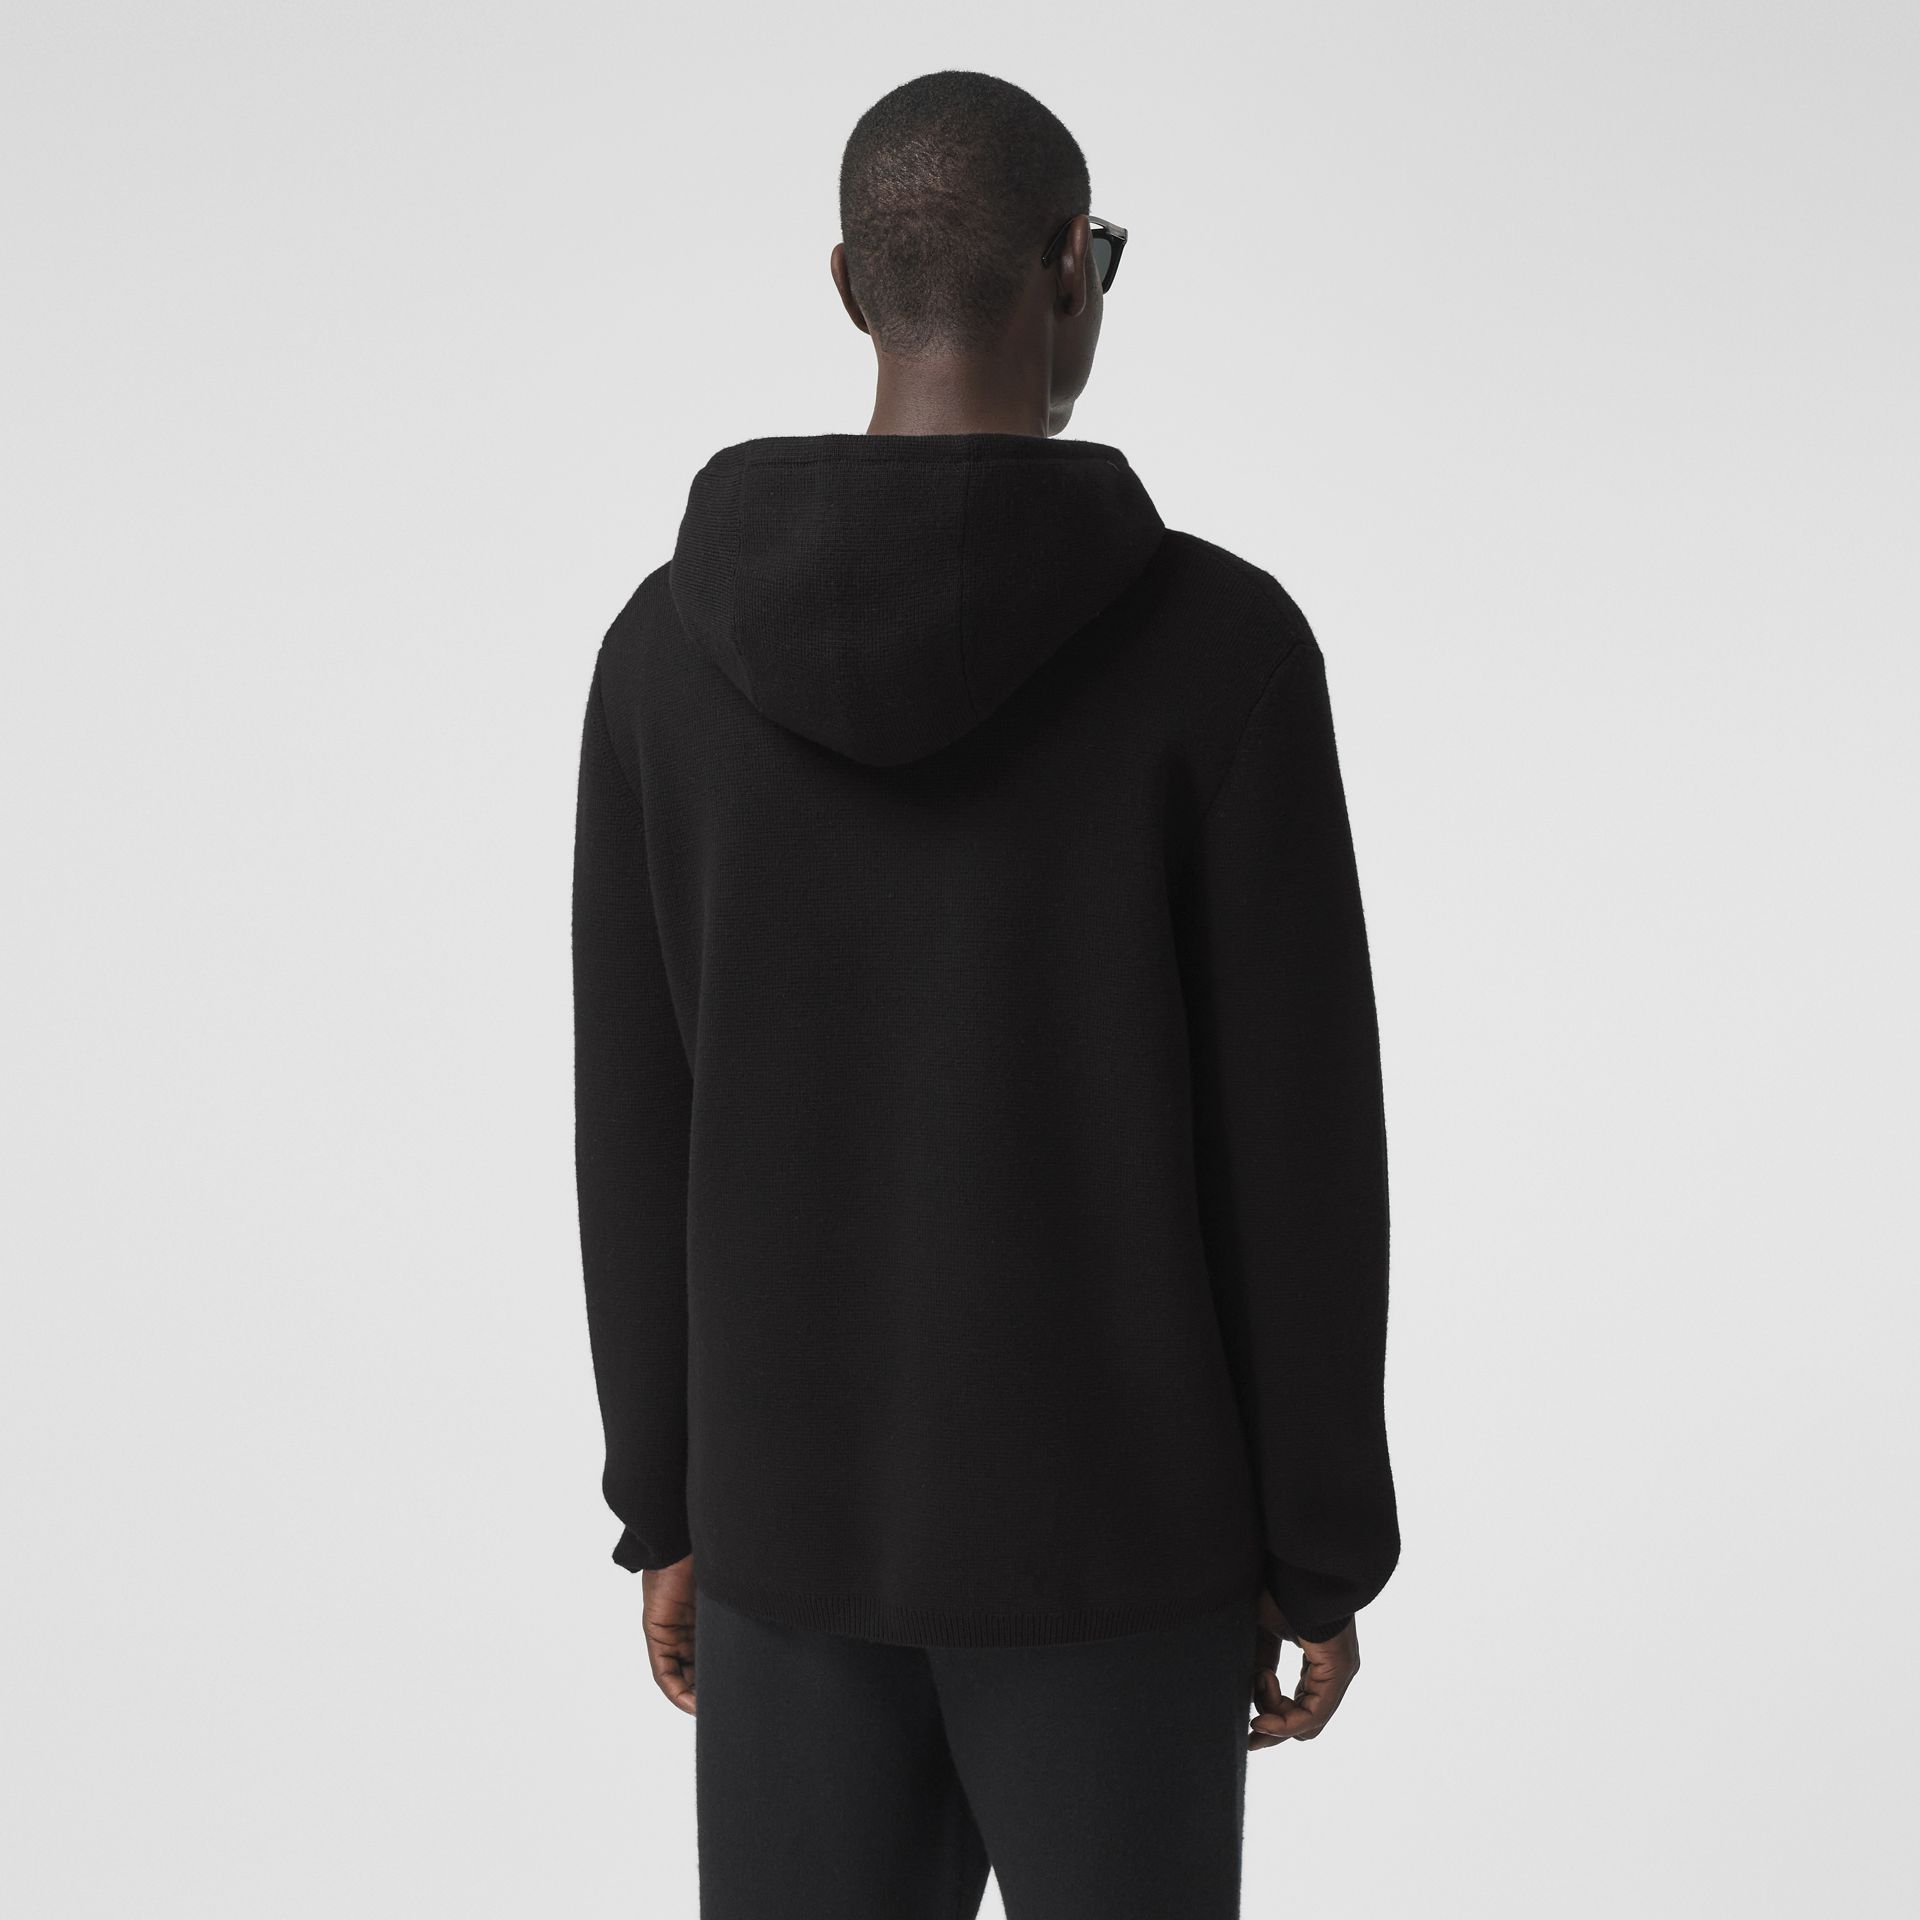 Contrast Pocket Wool Hooded Top in Black - Men | Burberry - gallery image 2